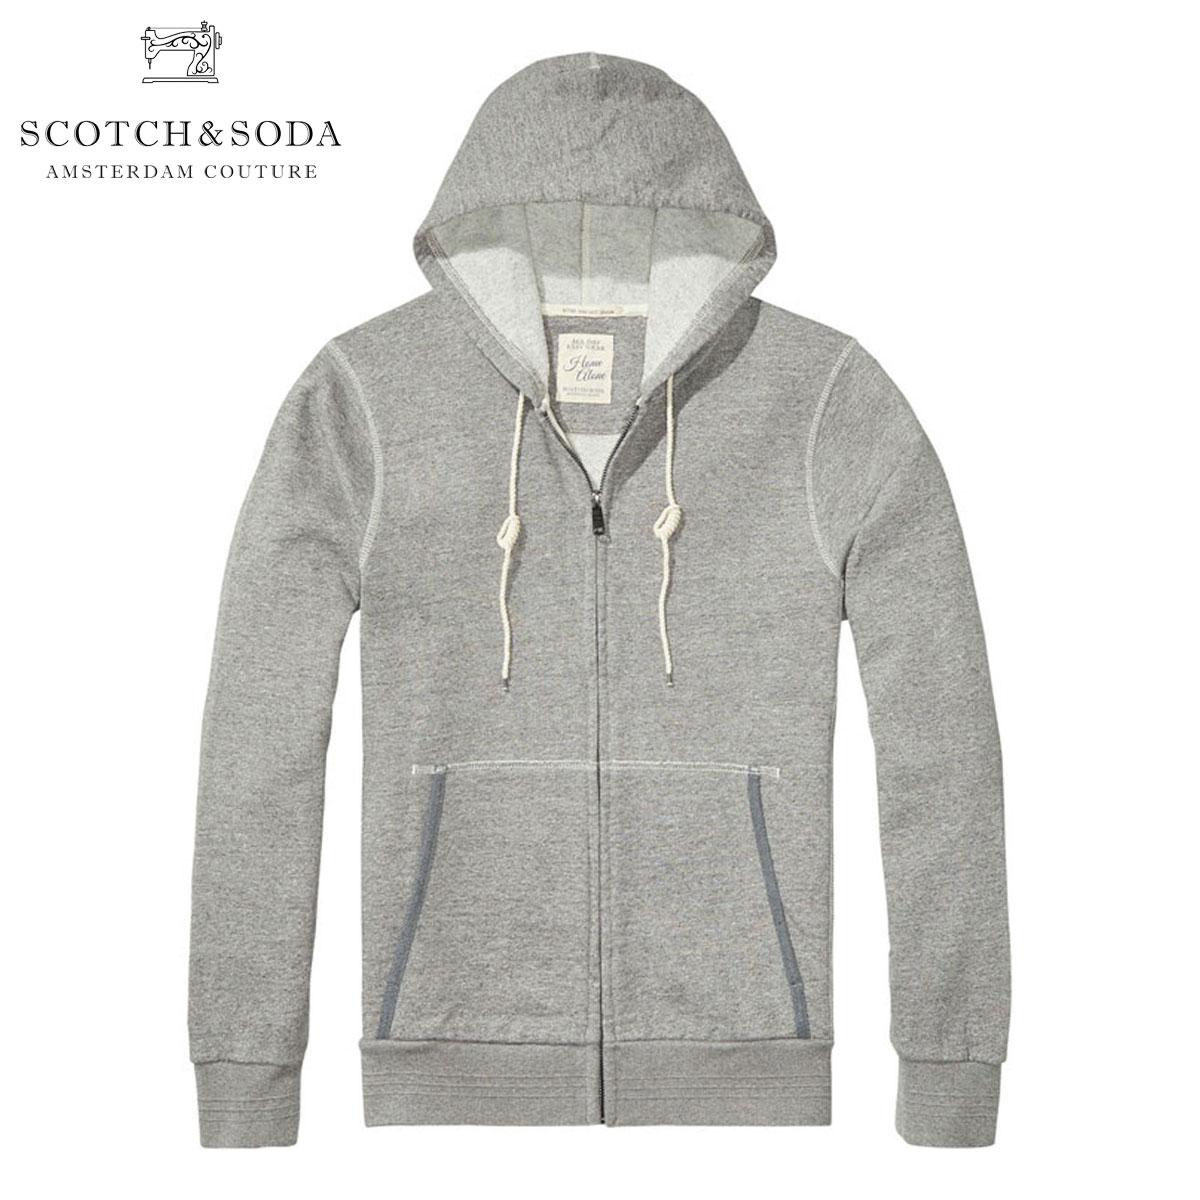 スコッチアンドソーダ SCOTCH&SODA 正規販売店 メンズ パーカー Home Alone Zip Through 100050 39 D00S20